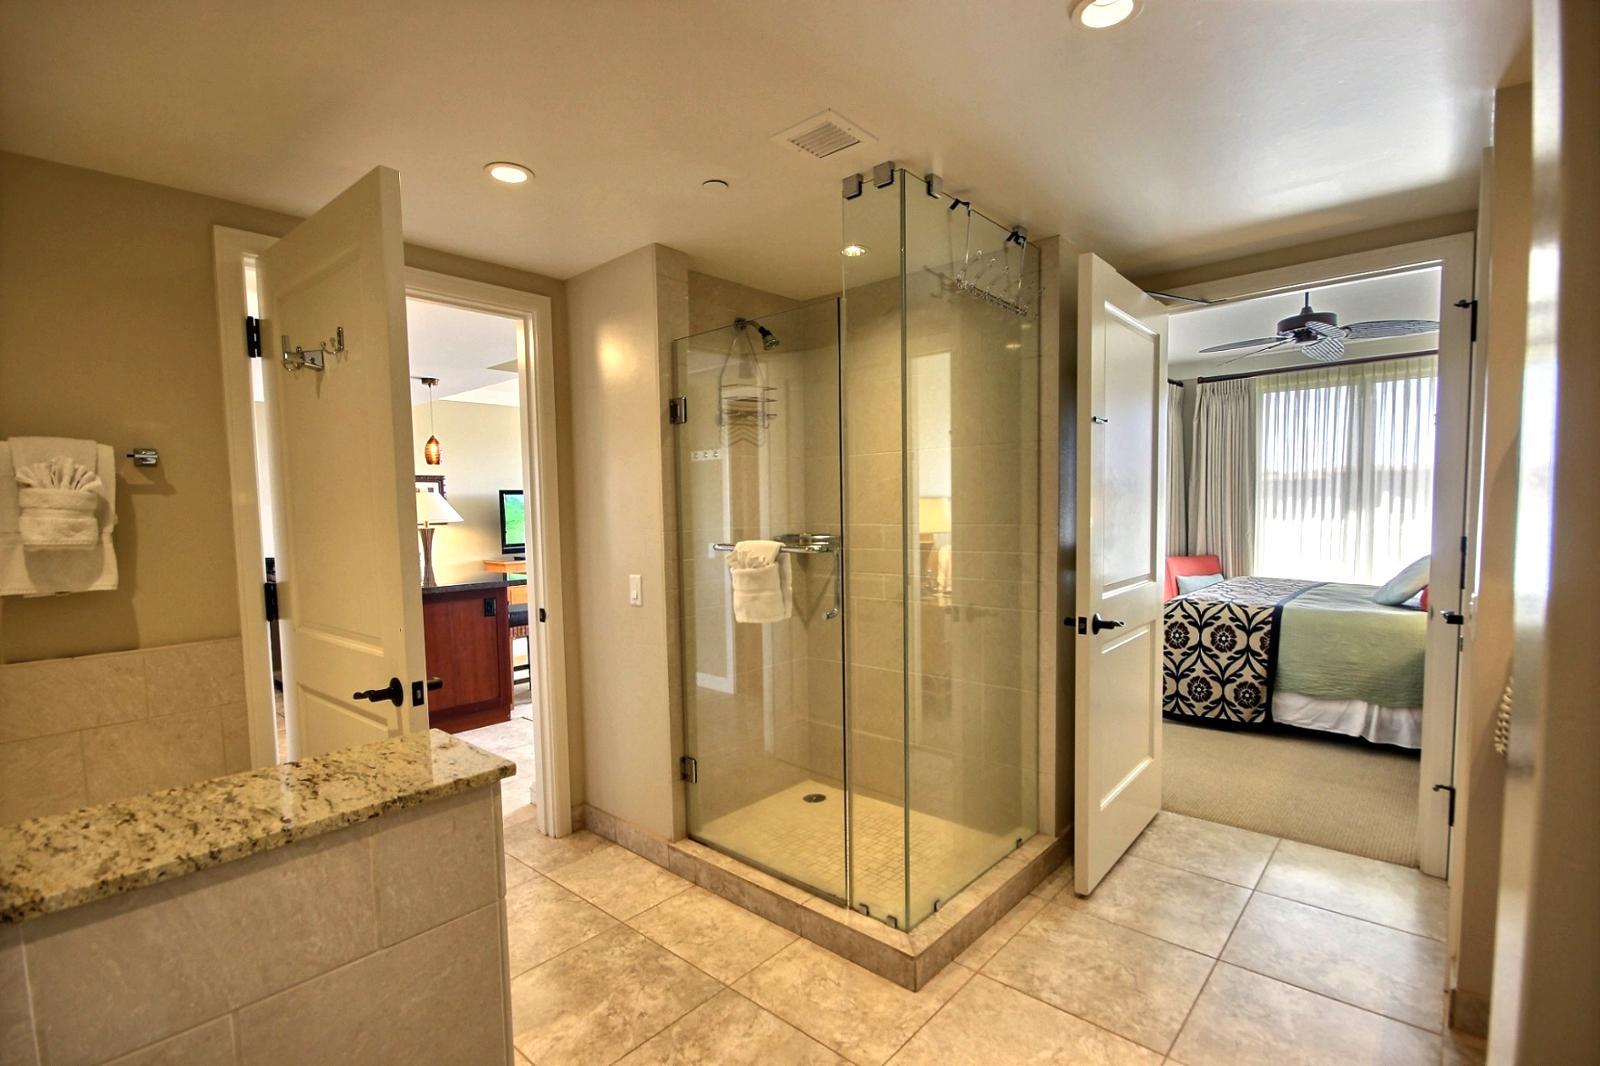 Перепланировка ванной комнаты: основные секреты (27 фото)